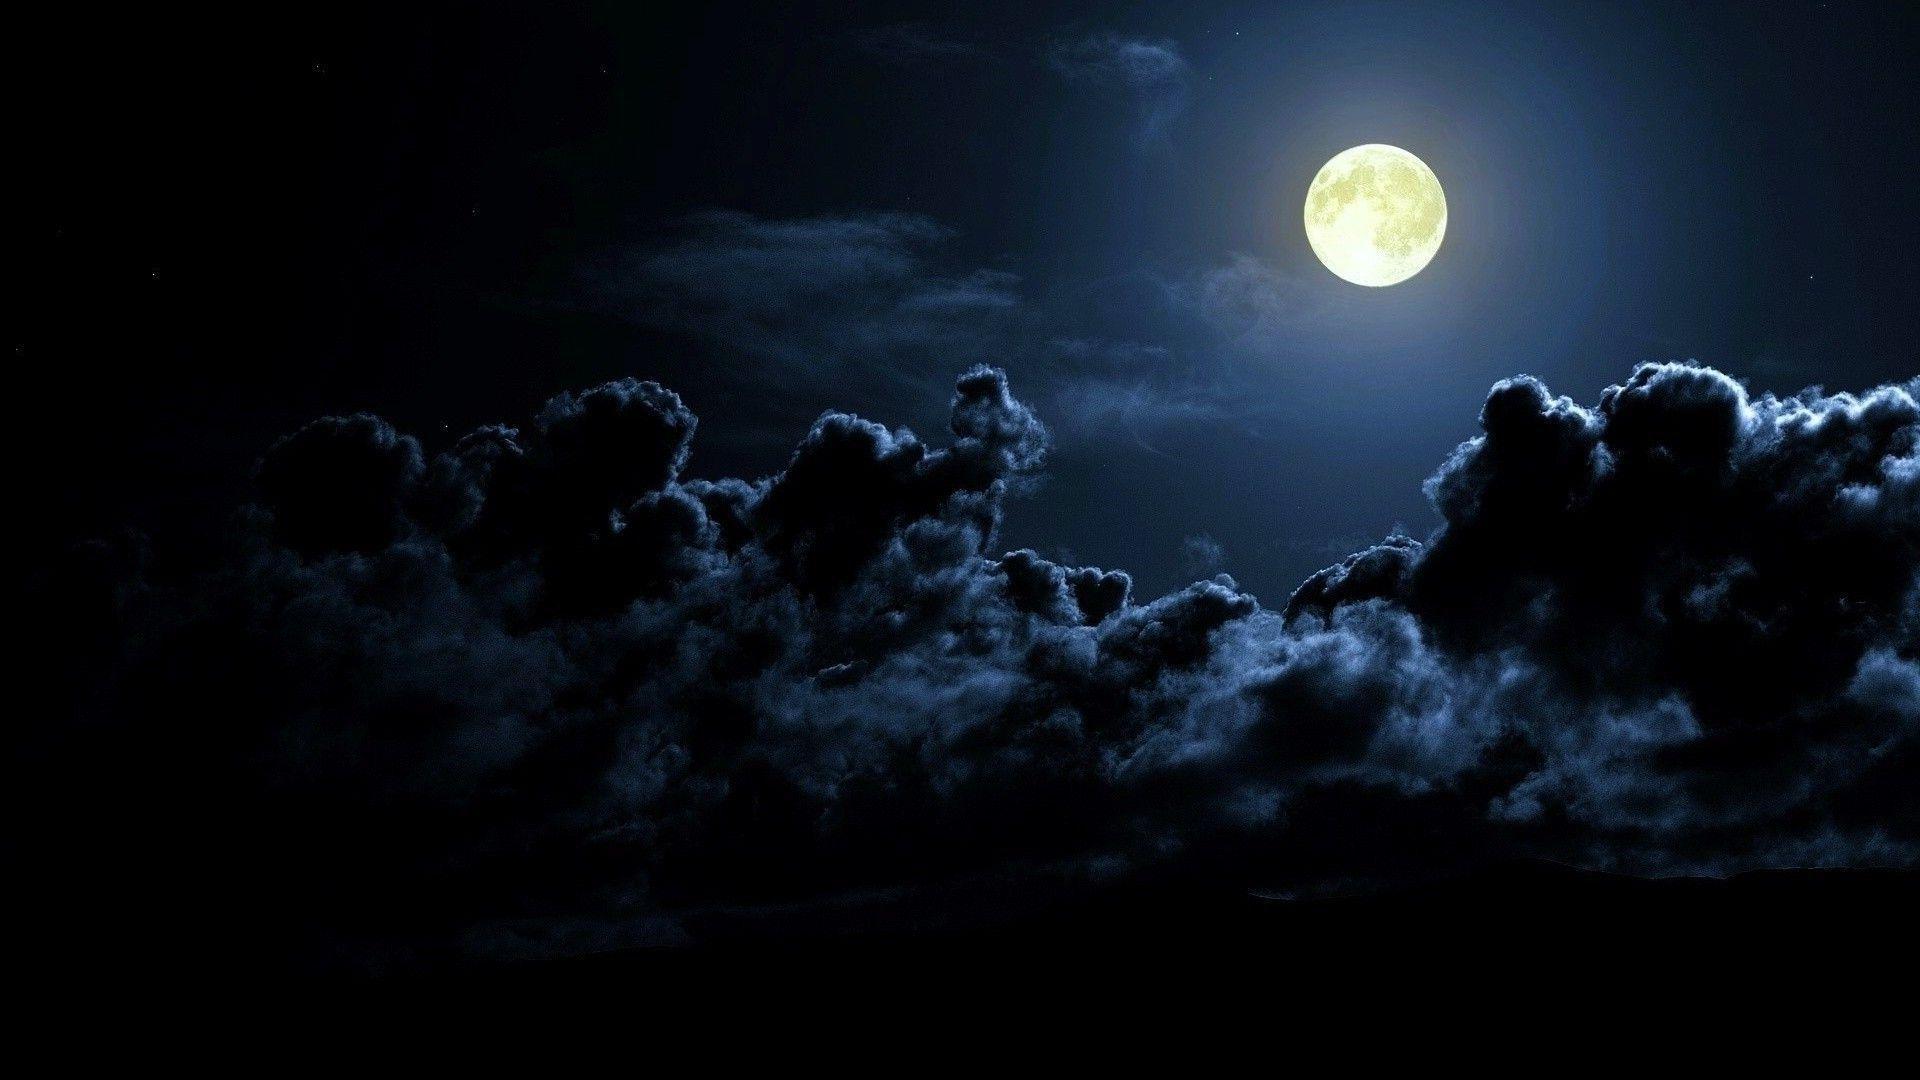 Man In Moon Hd Wallpaper Wallpaper Download Free